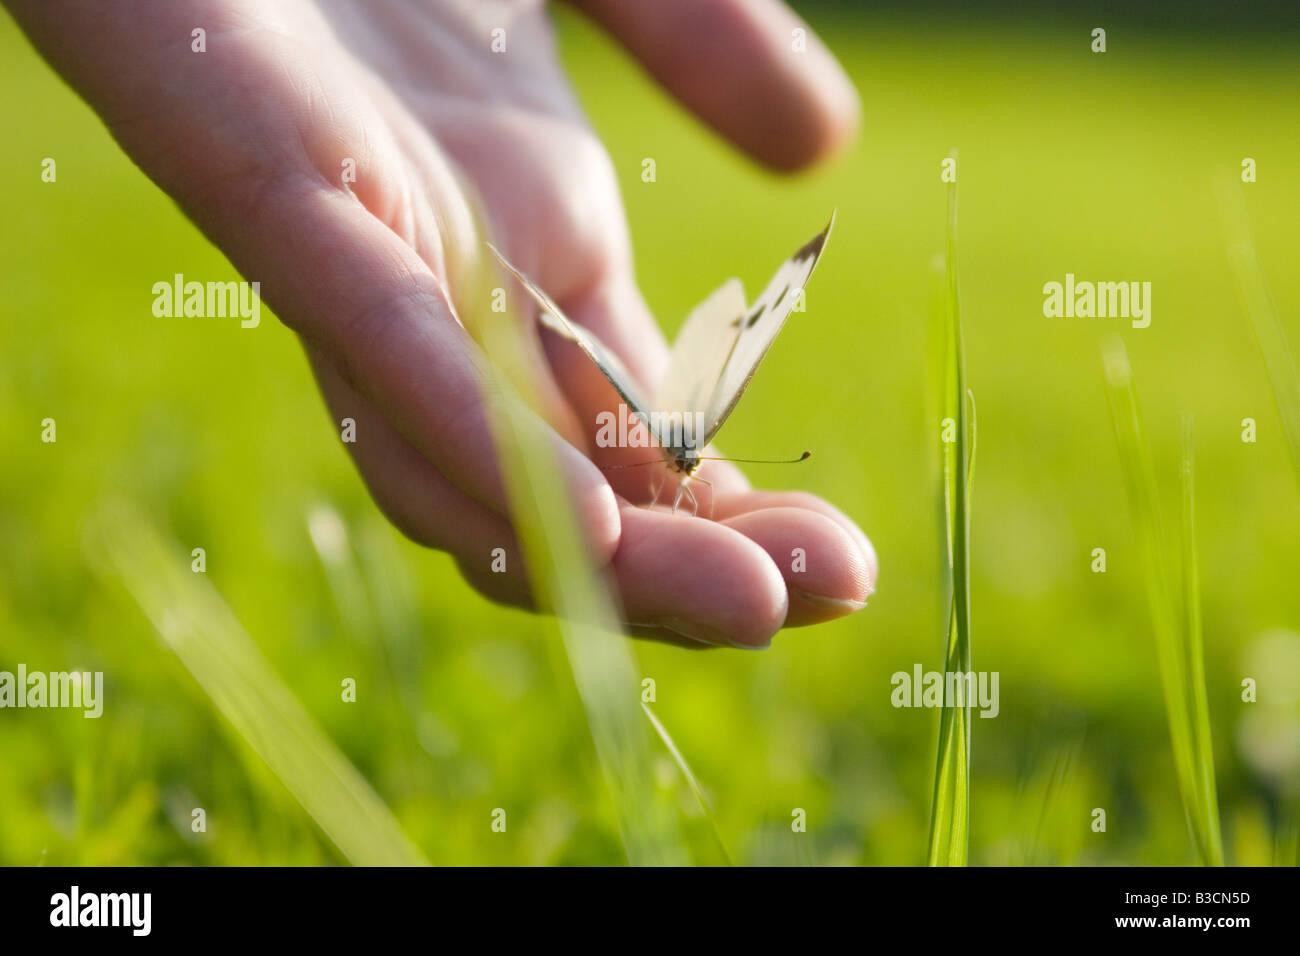 Schmetterling auf der Hand des Mannes, Nahaufnahme Stockbild